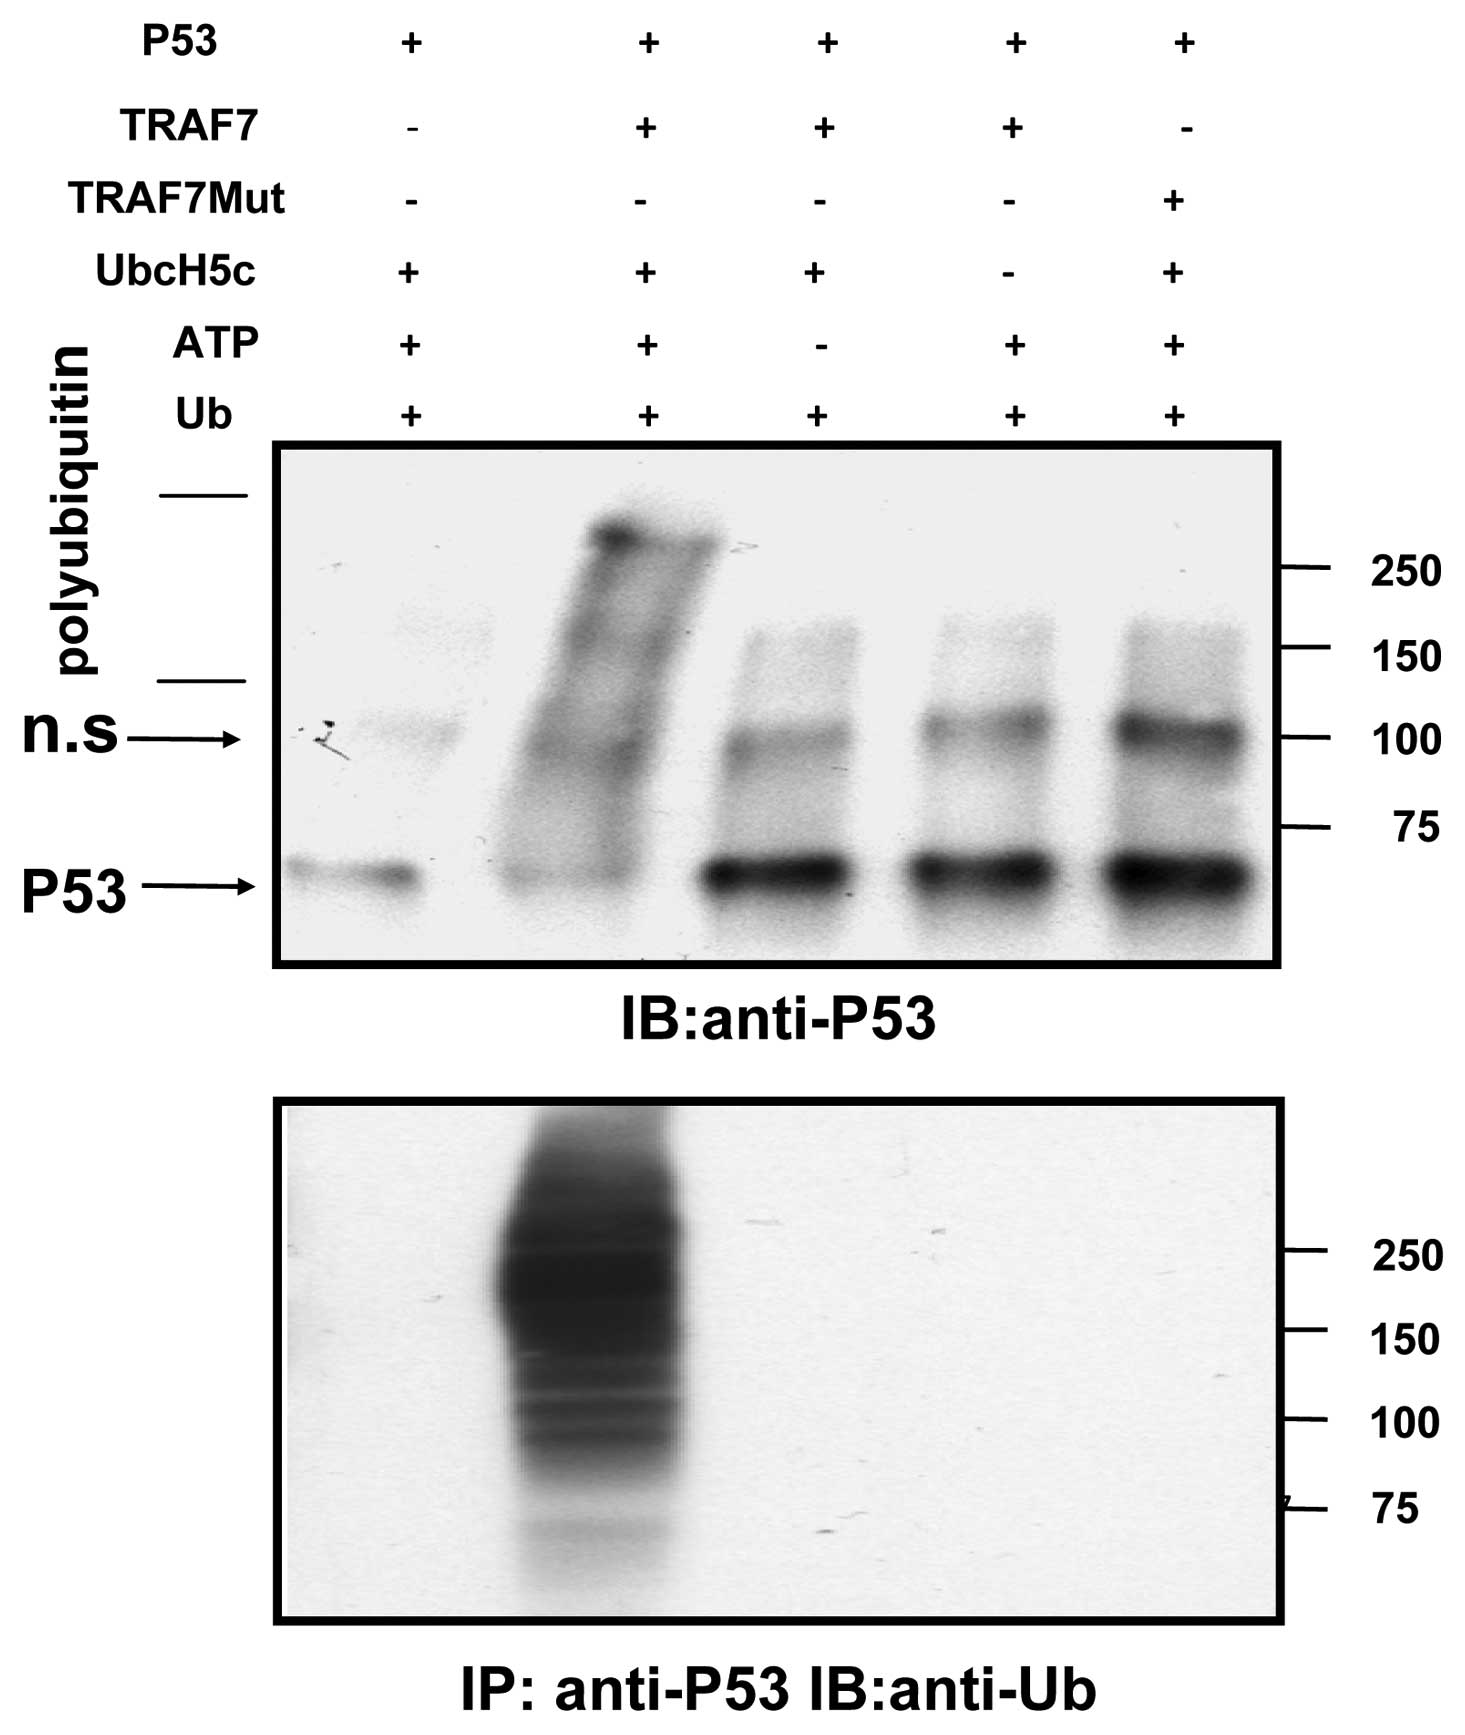 OMIM Entry - 113705 - BREAST CANCER 1 GENE; BRCA1